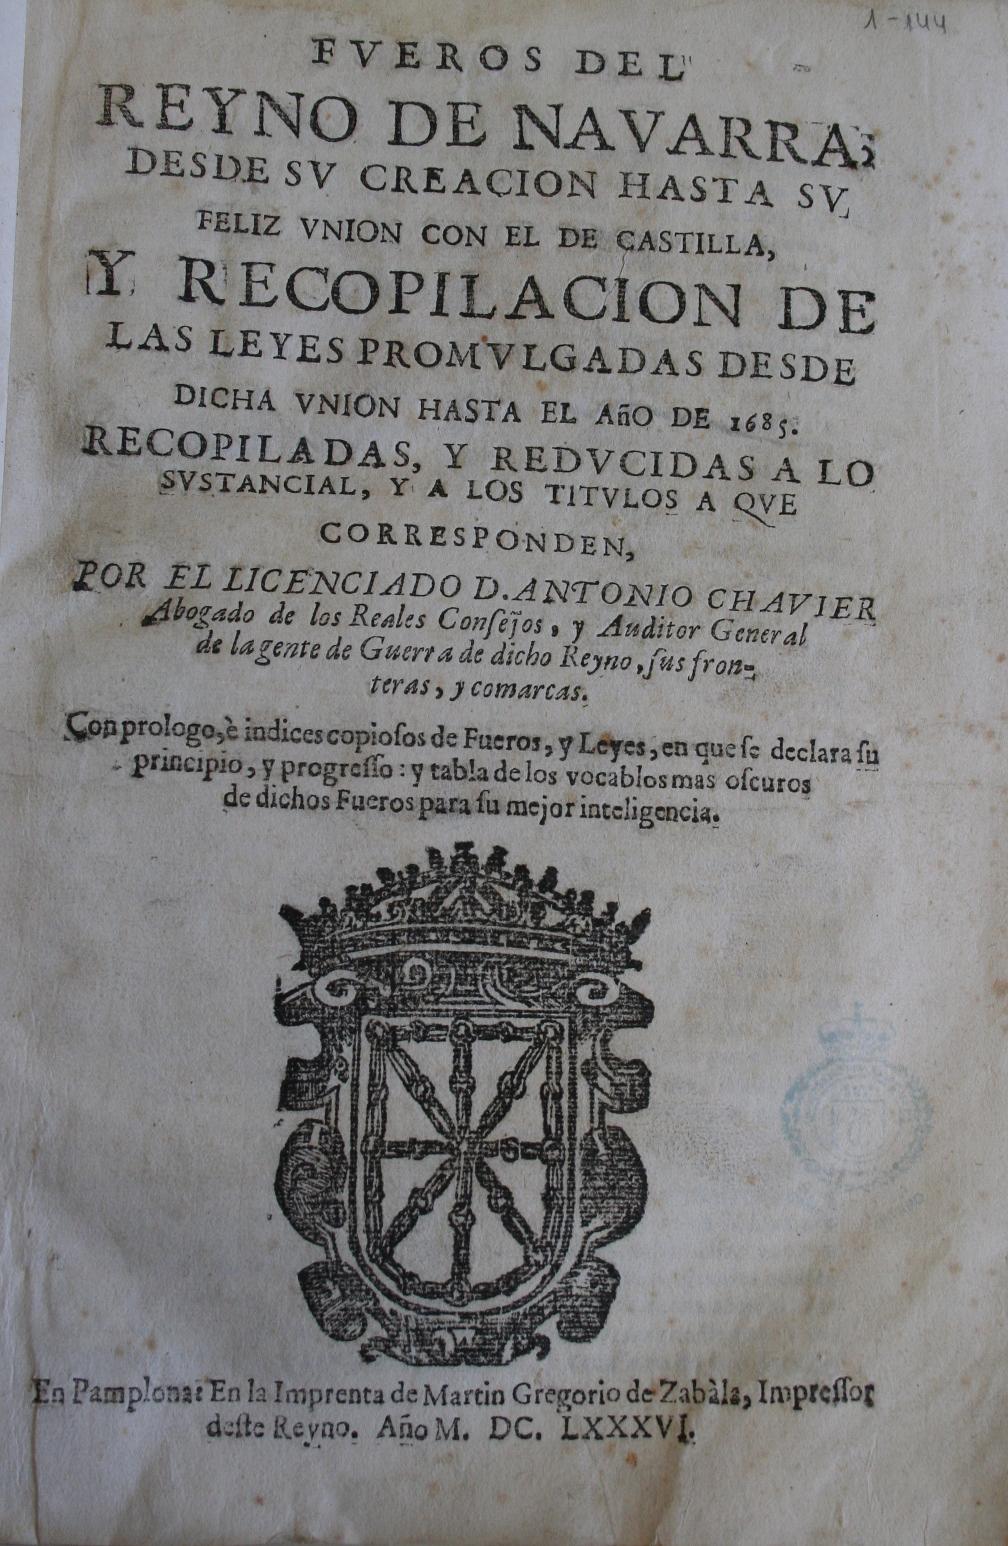 Fueros del Reyno de Navarra, 1686